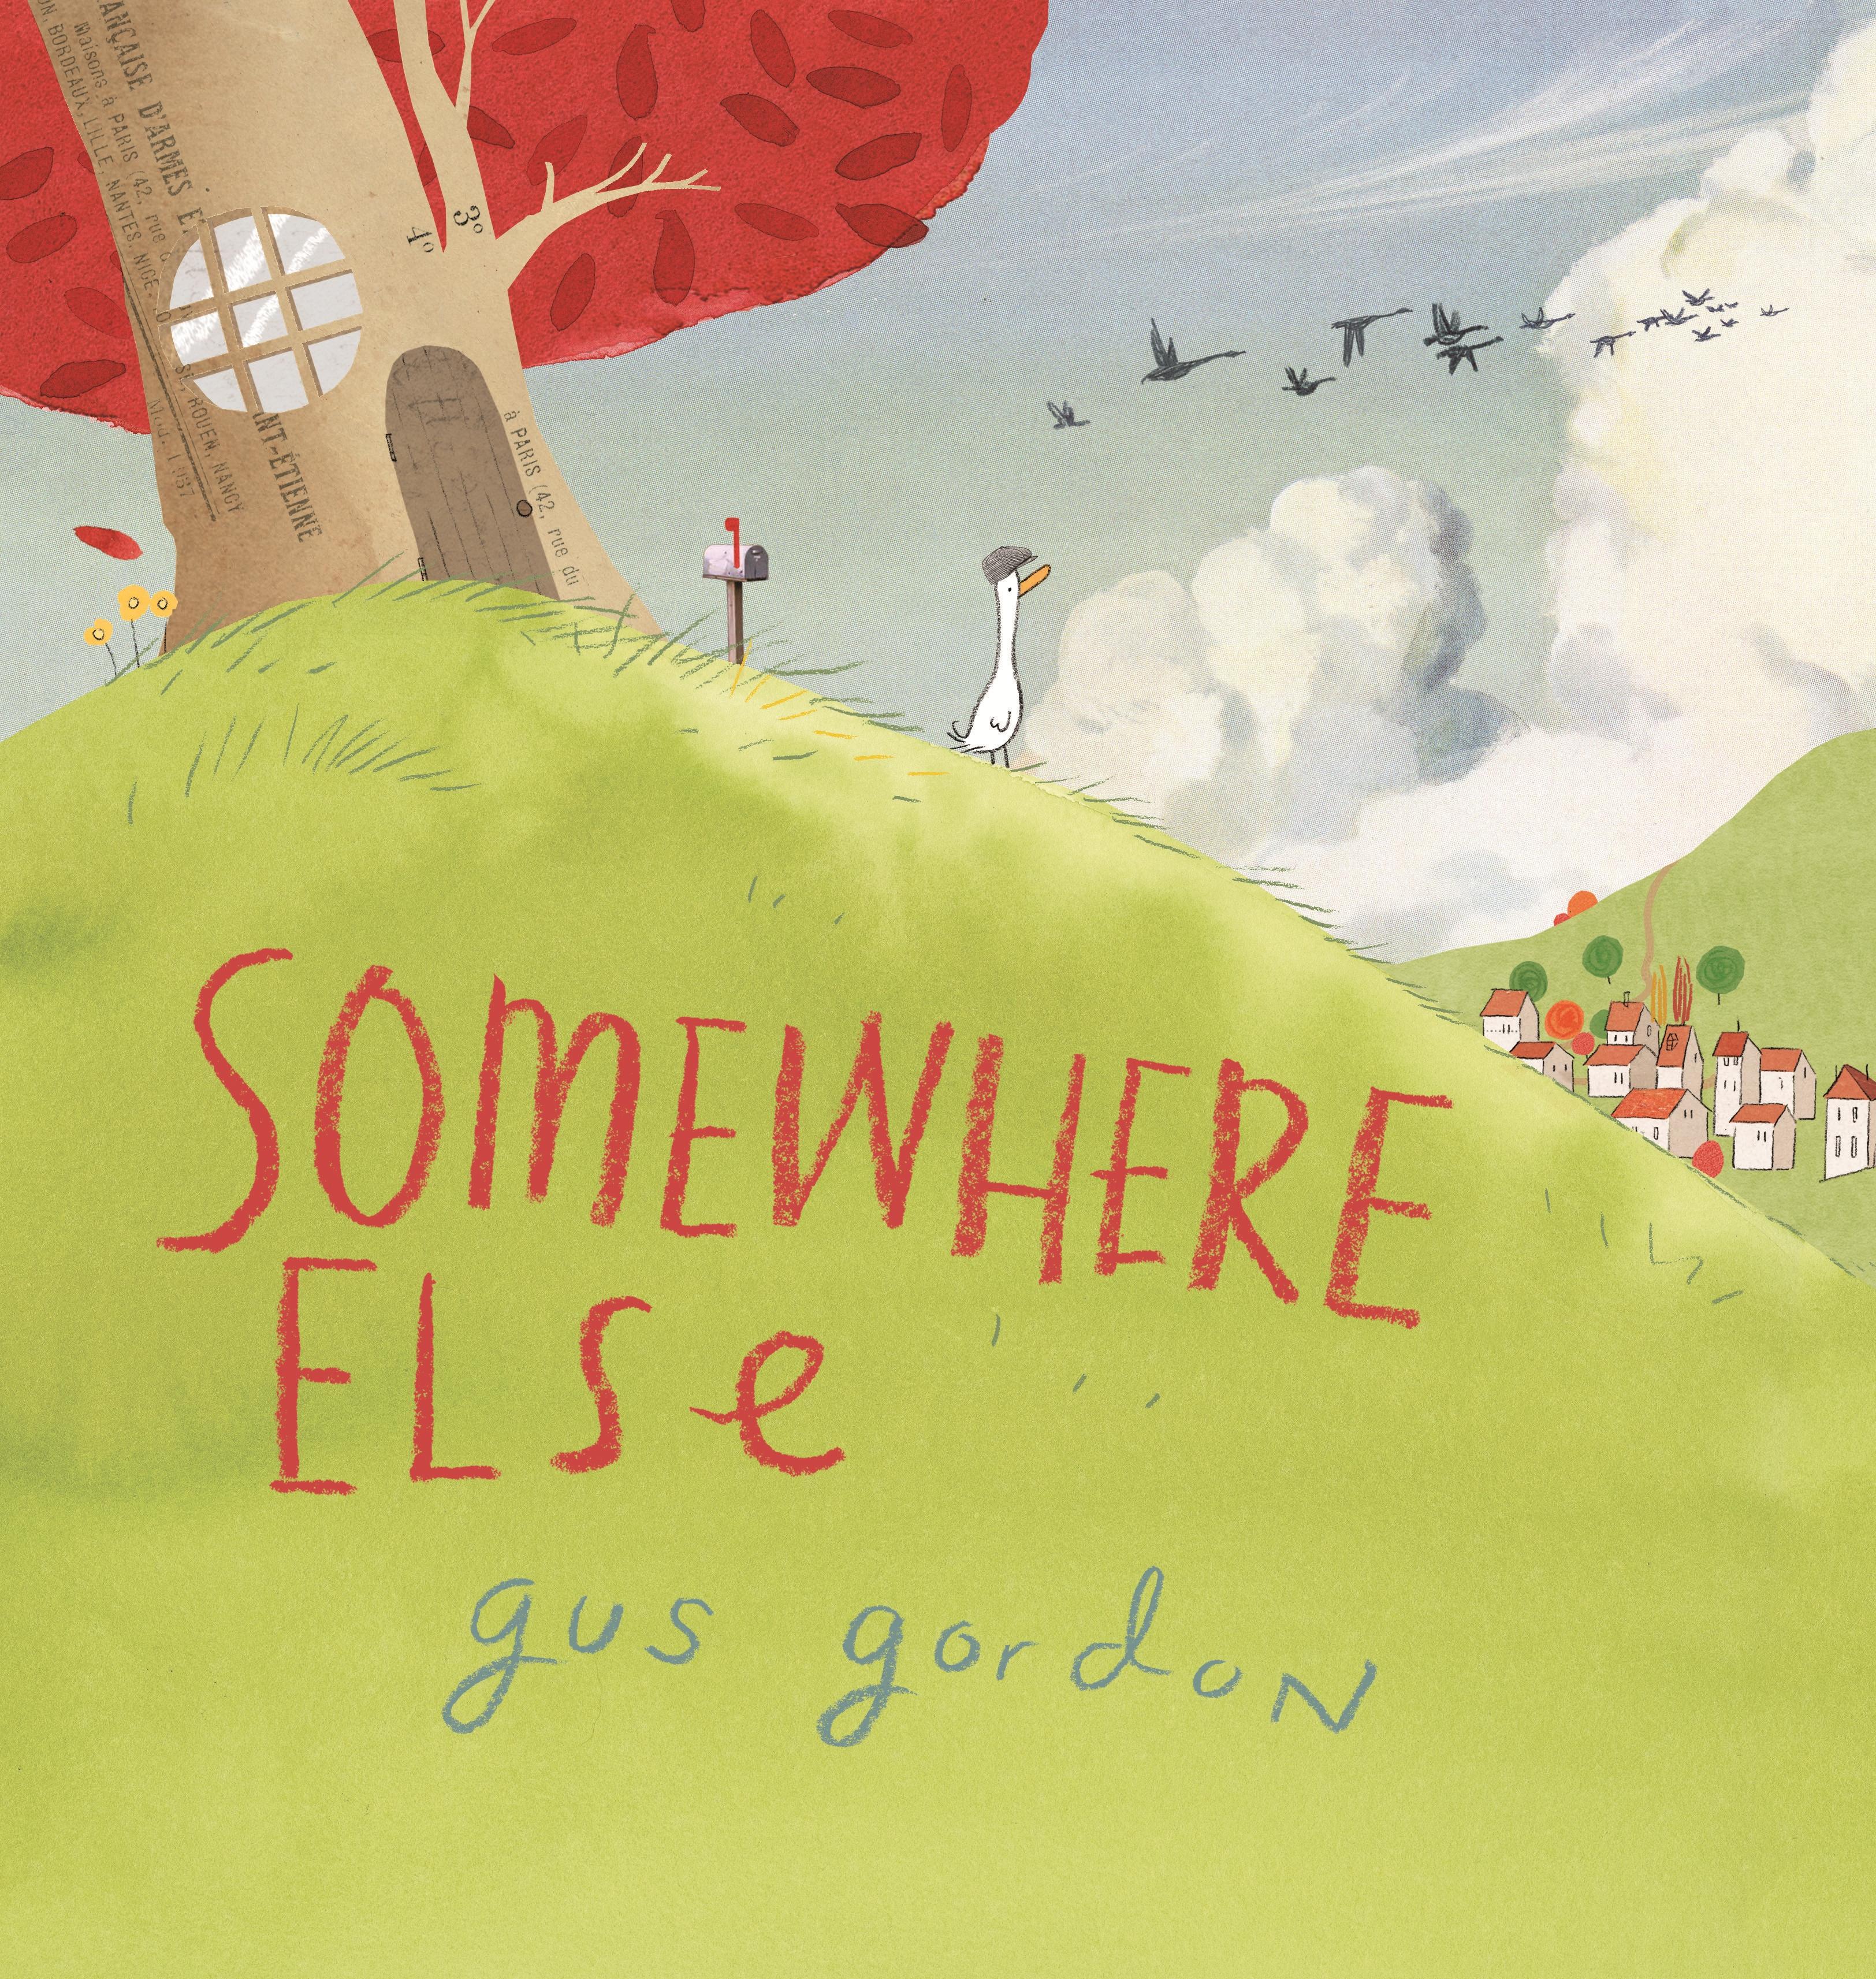 Somewhere Elseby Gus Gordon